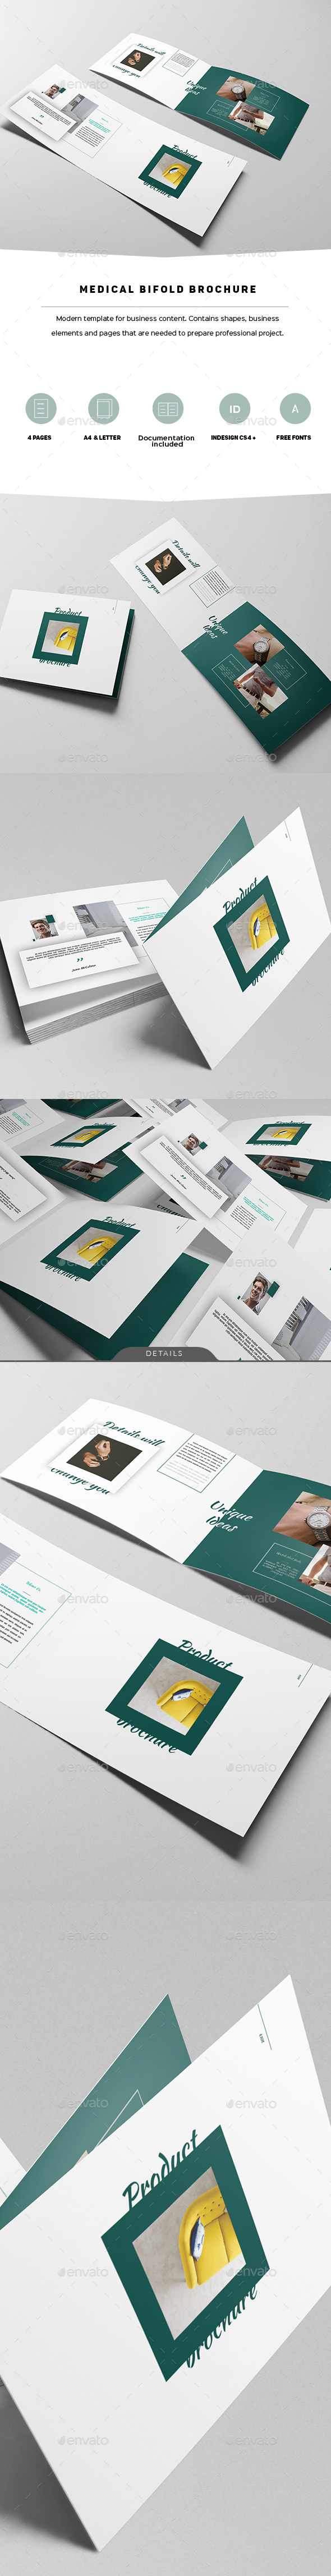 Product Bifold Brochure - Portfolio Brochures